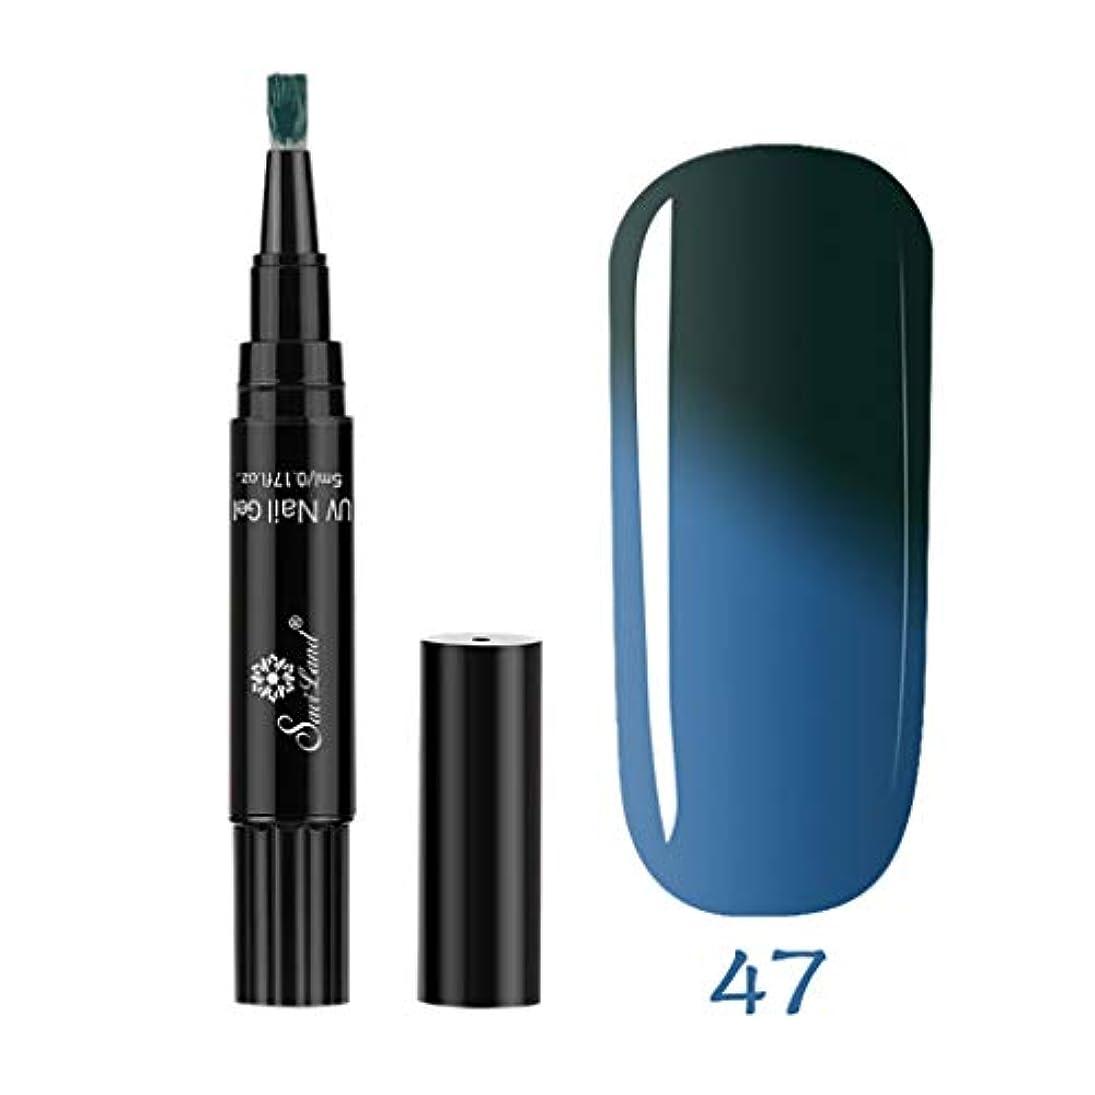 決定マーチャンダイジングフォーカス1ステップネイルジェルペンに1 Pc 3 UV温度変更ジェルを使用するには1ステップネイル (H)